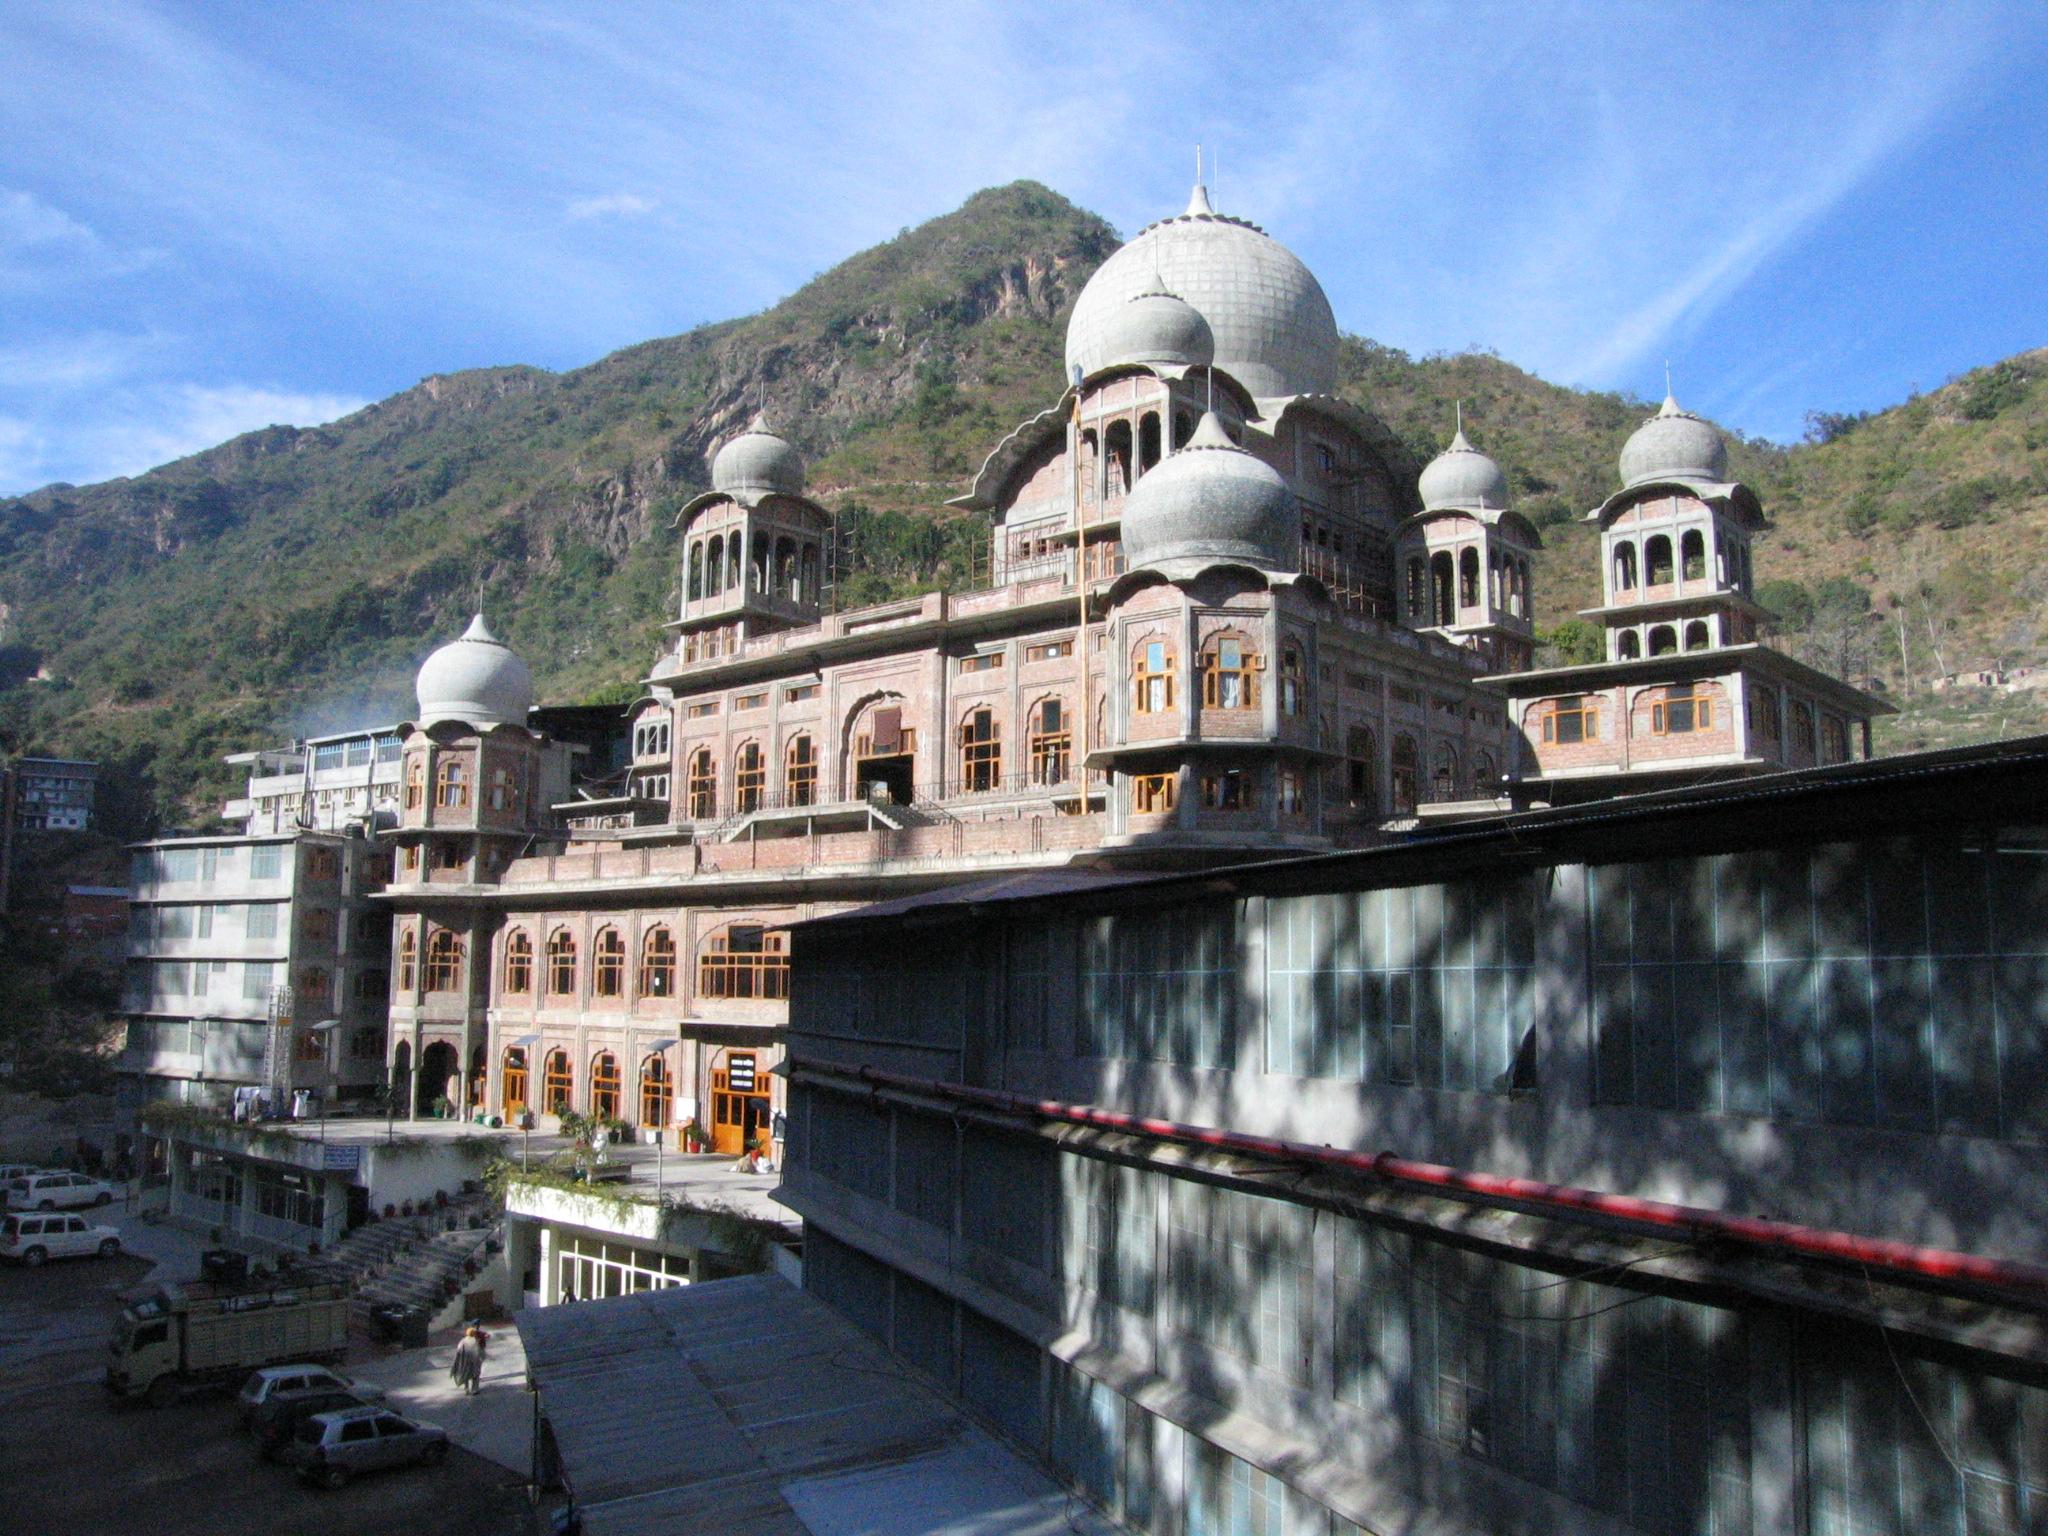 PunjabKesari, Kargidhar Trust Baru Sahib, बड़ू साहिब, Baru Sahib